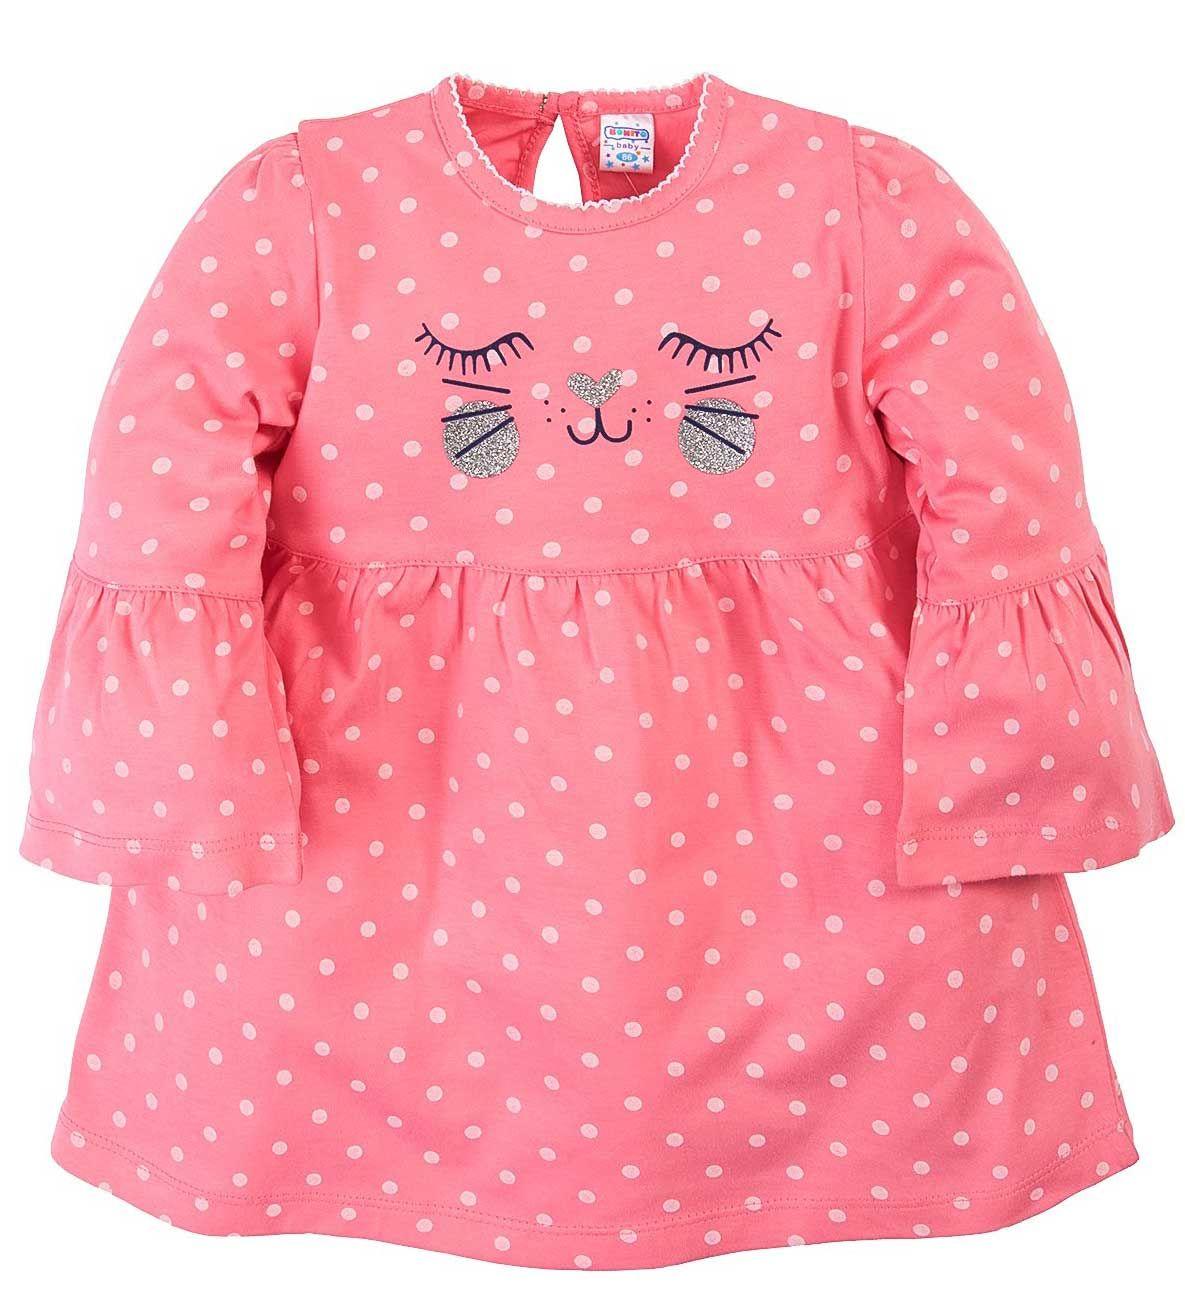 Платье для девочек.Bonito коралловое в горошек